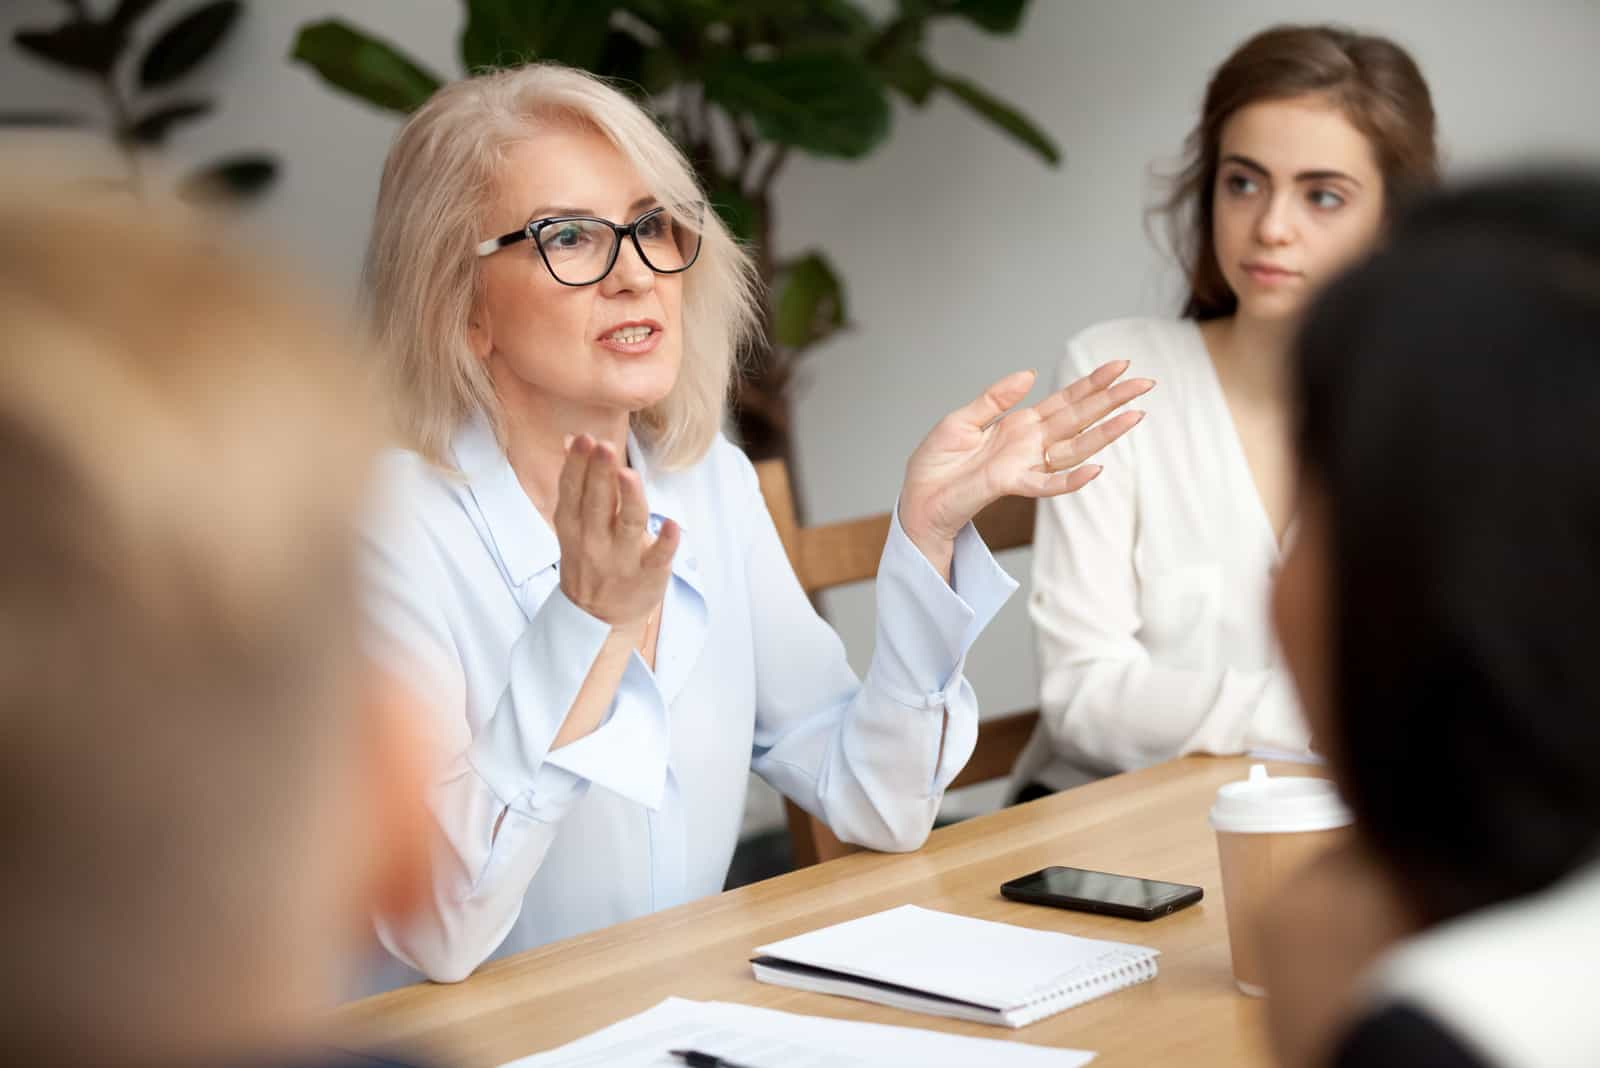 la femme est assise au travail et parle aux clients